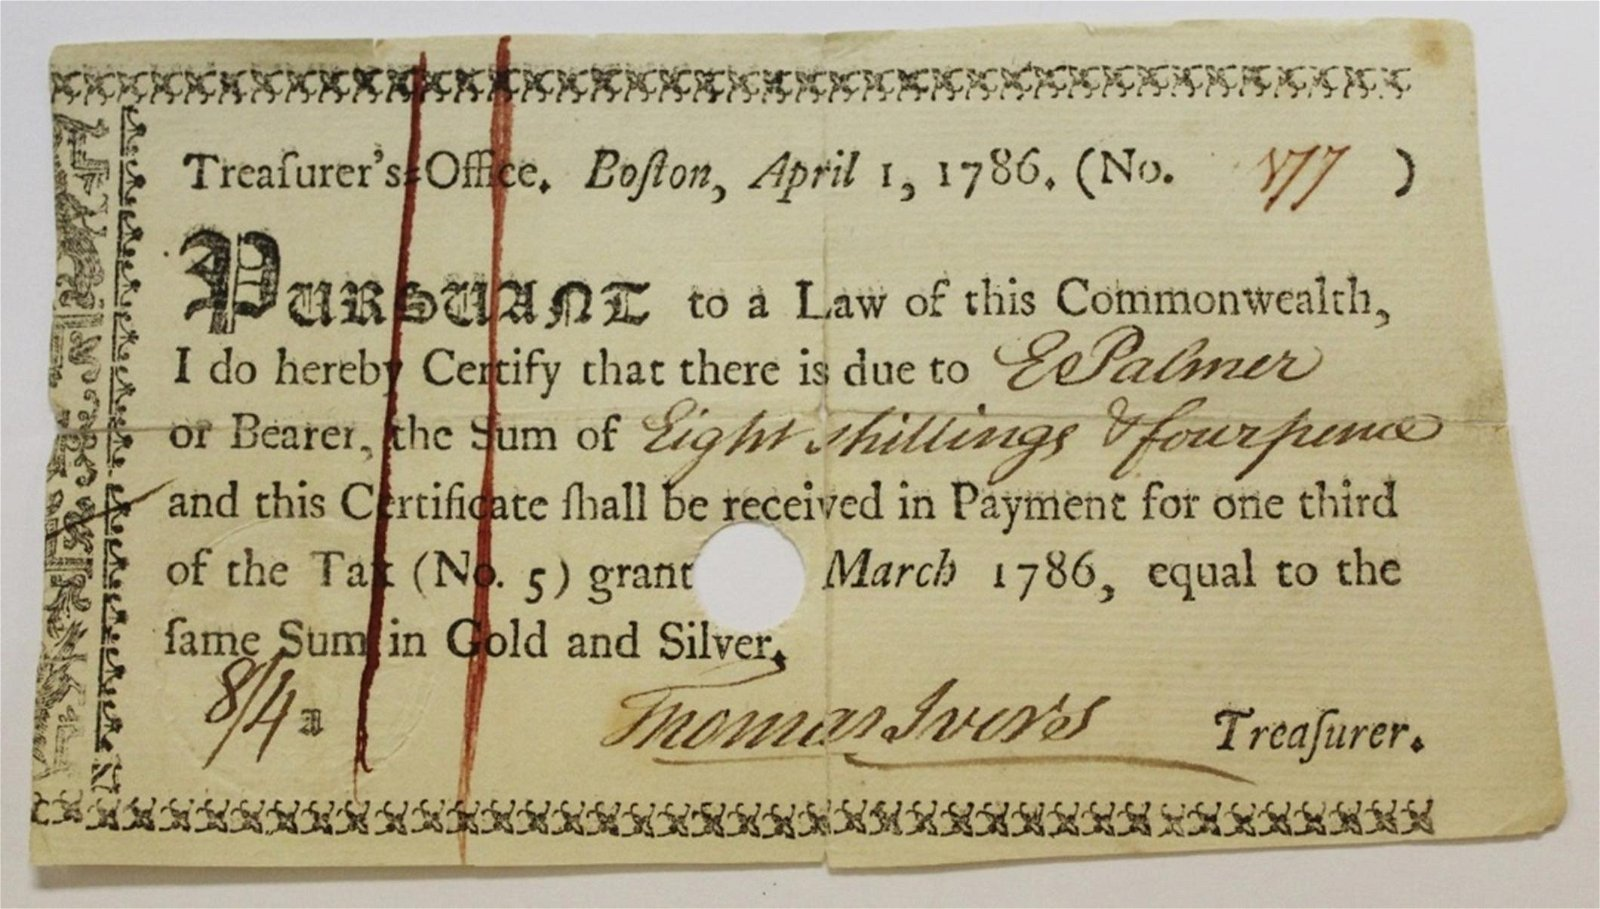 RARE 1786 BOSTON TREASURY WARRANT